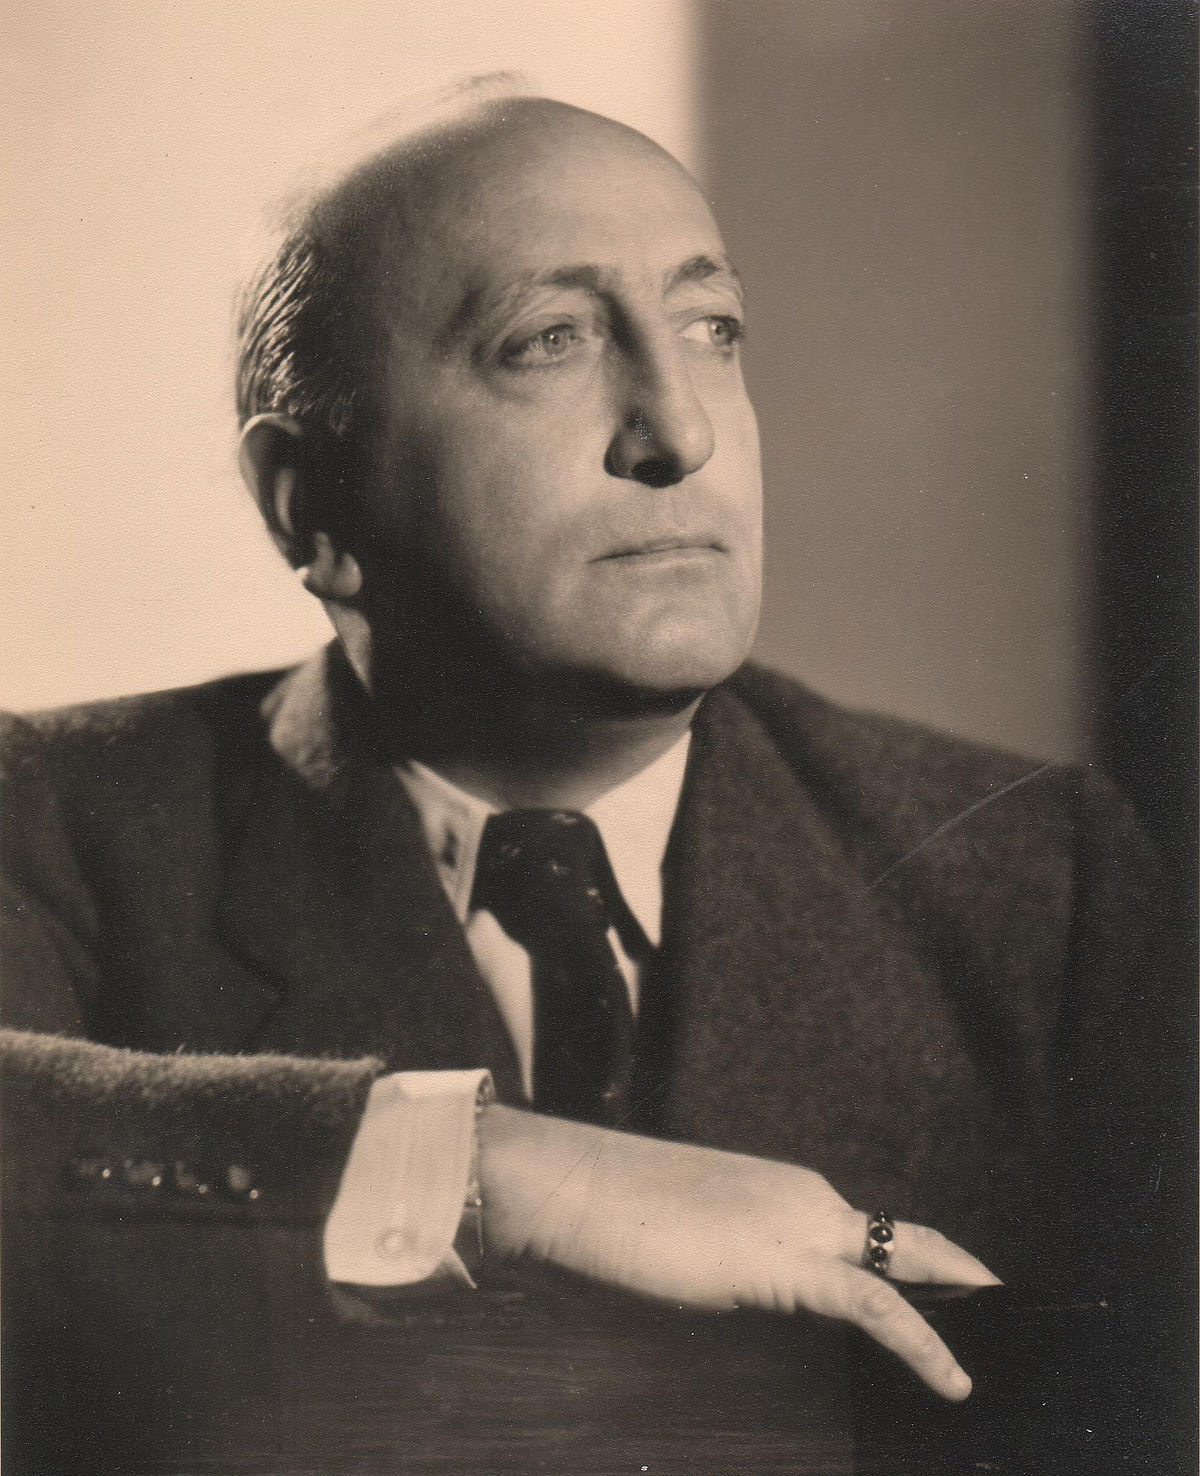 http://upload.wikimedia.org/wikipedia/commons/thumb/d/dc/Karl_Ritter_(1888-1977).jpg/1200px-Karl_Ritter_(1888-1977).jpg